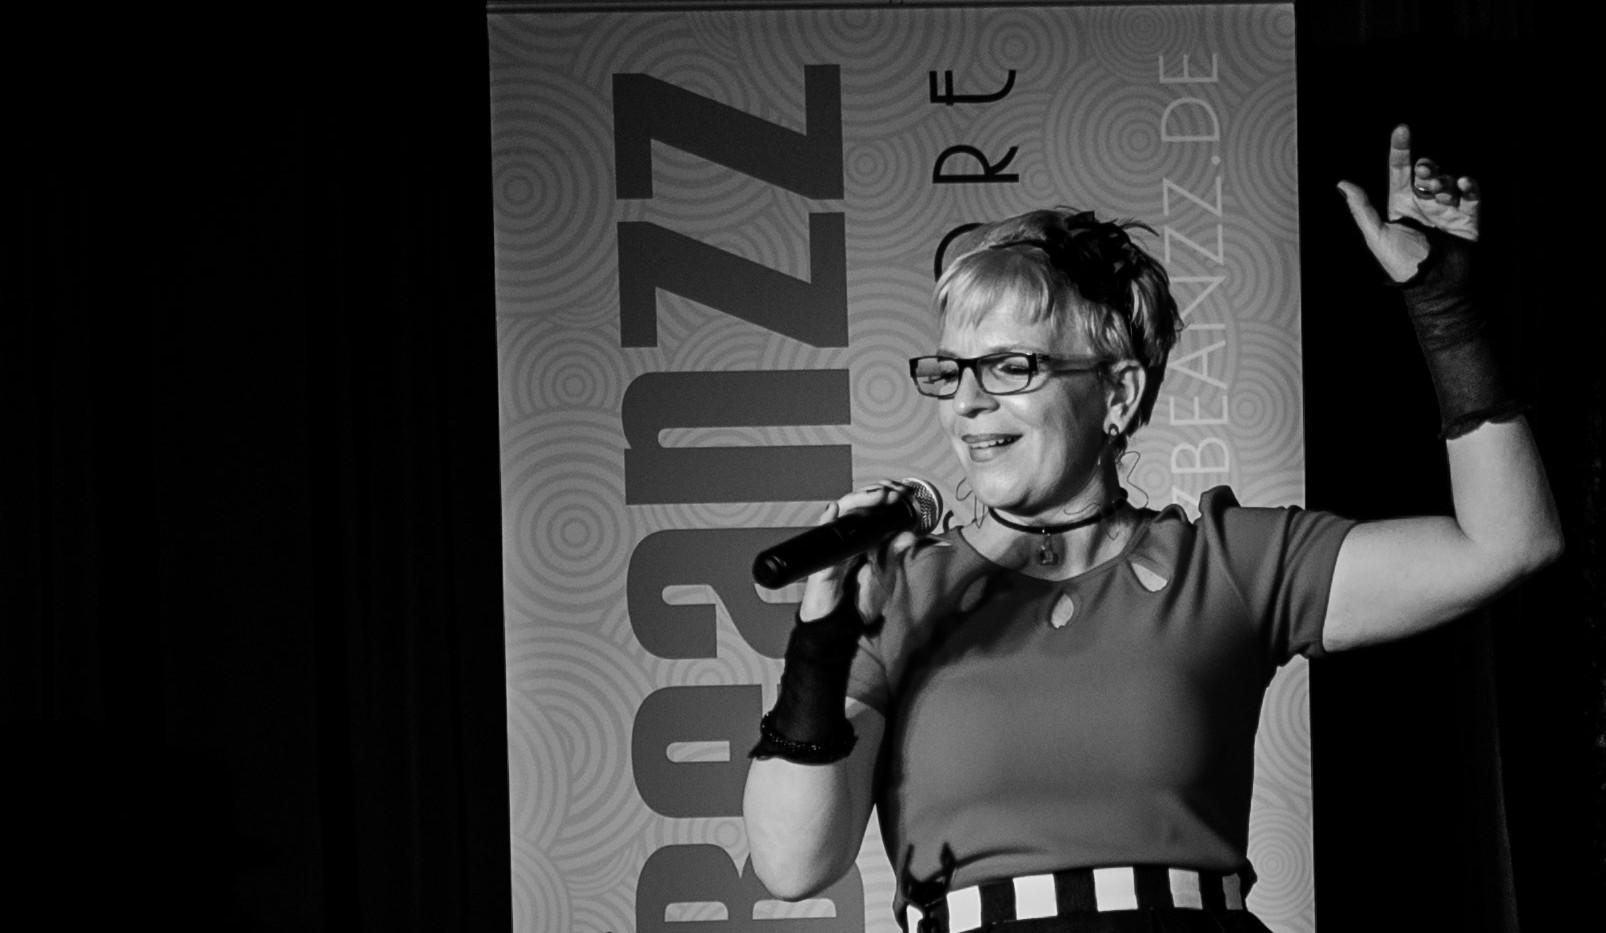 2017_11_JazzBeanzz_Kaffee_Hagen (24 von